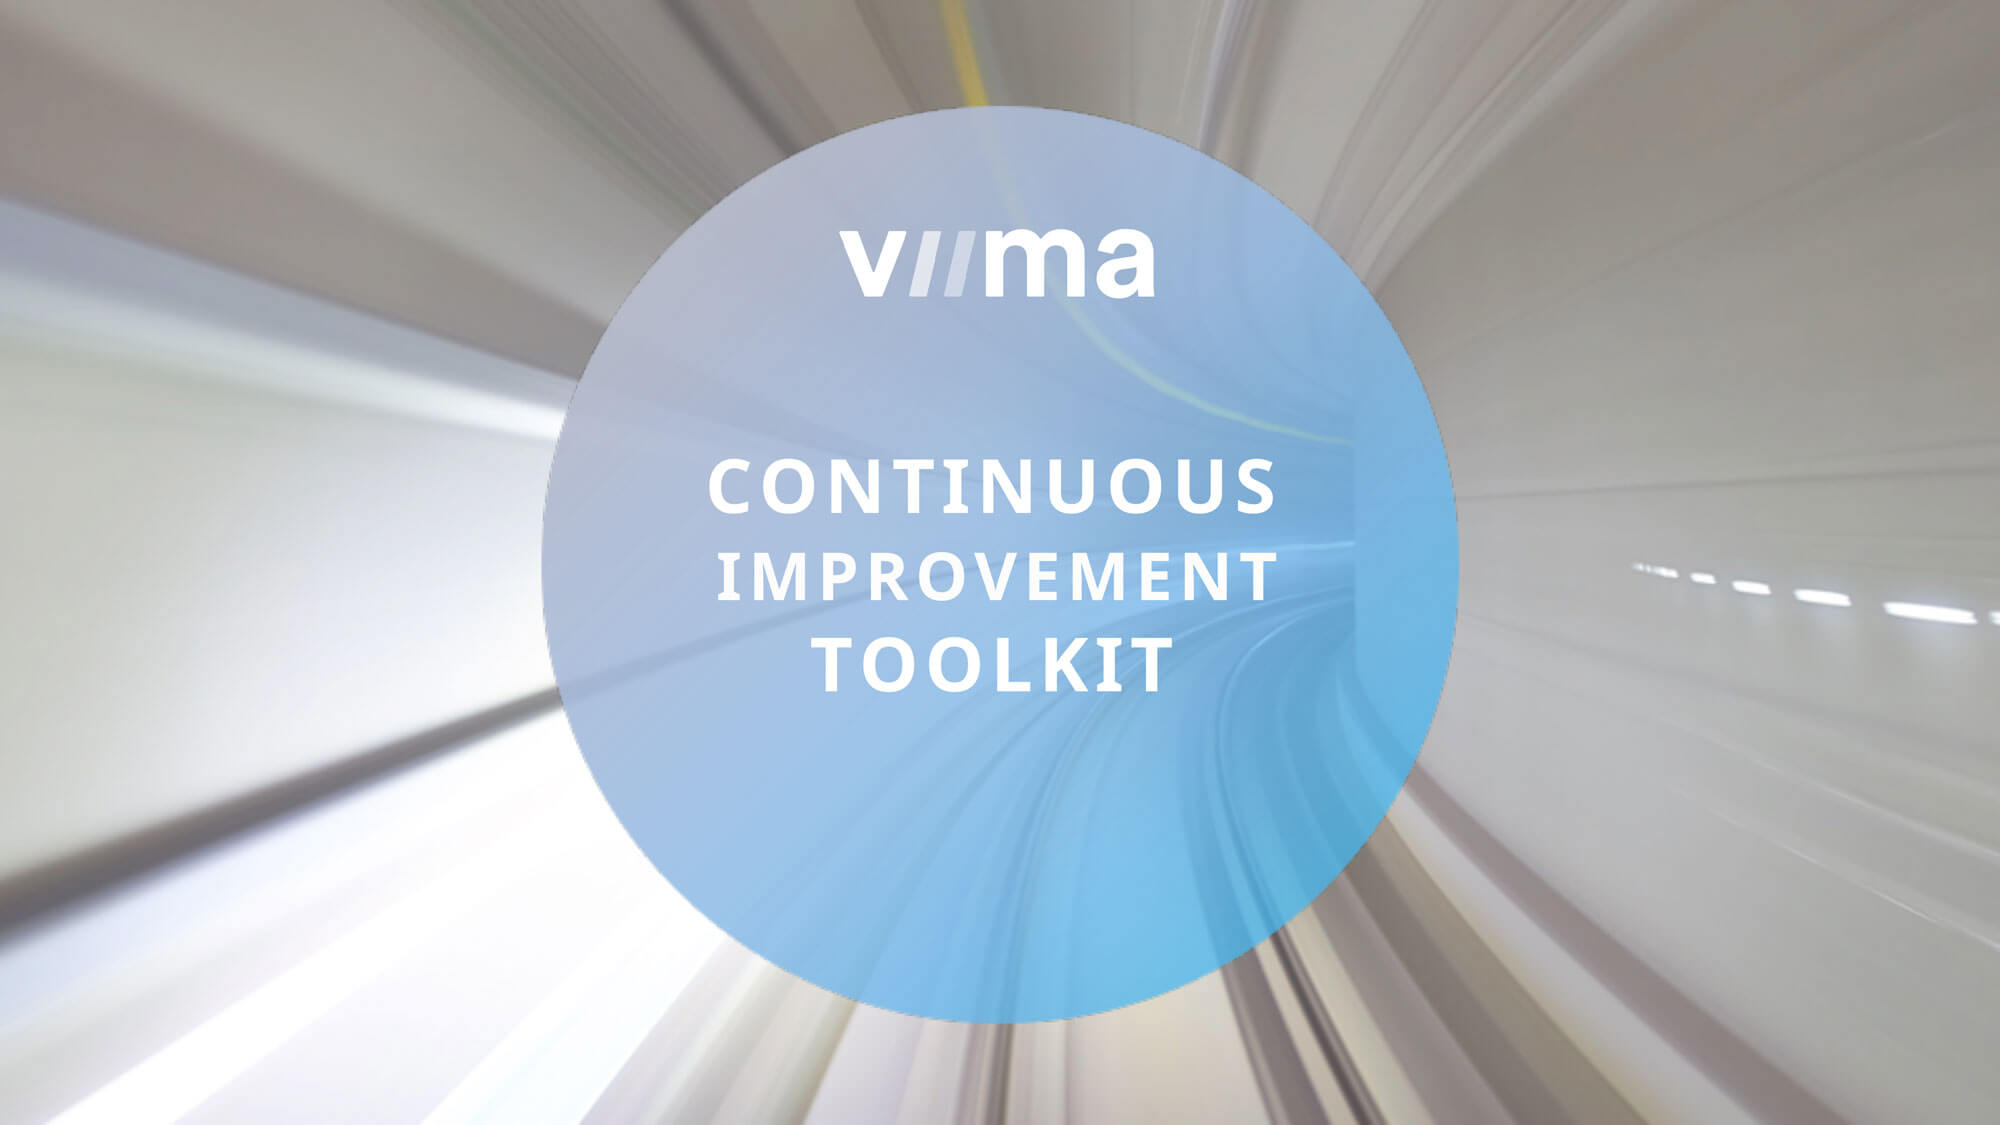 viima-continuous-improvement-toolkit-cover